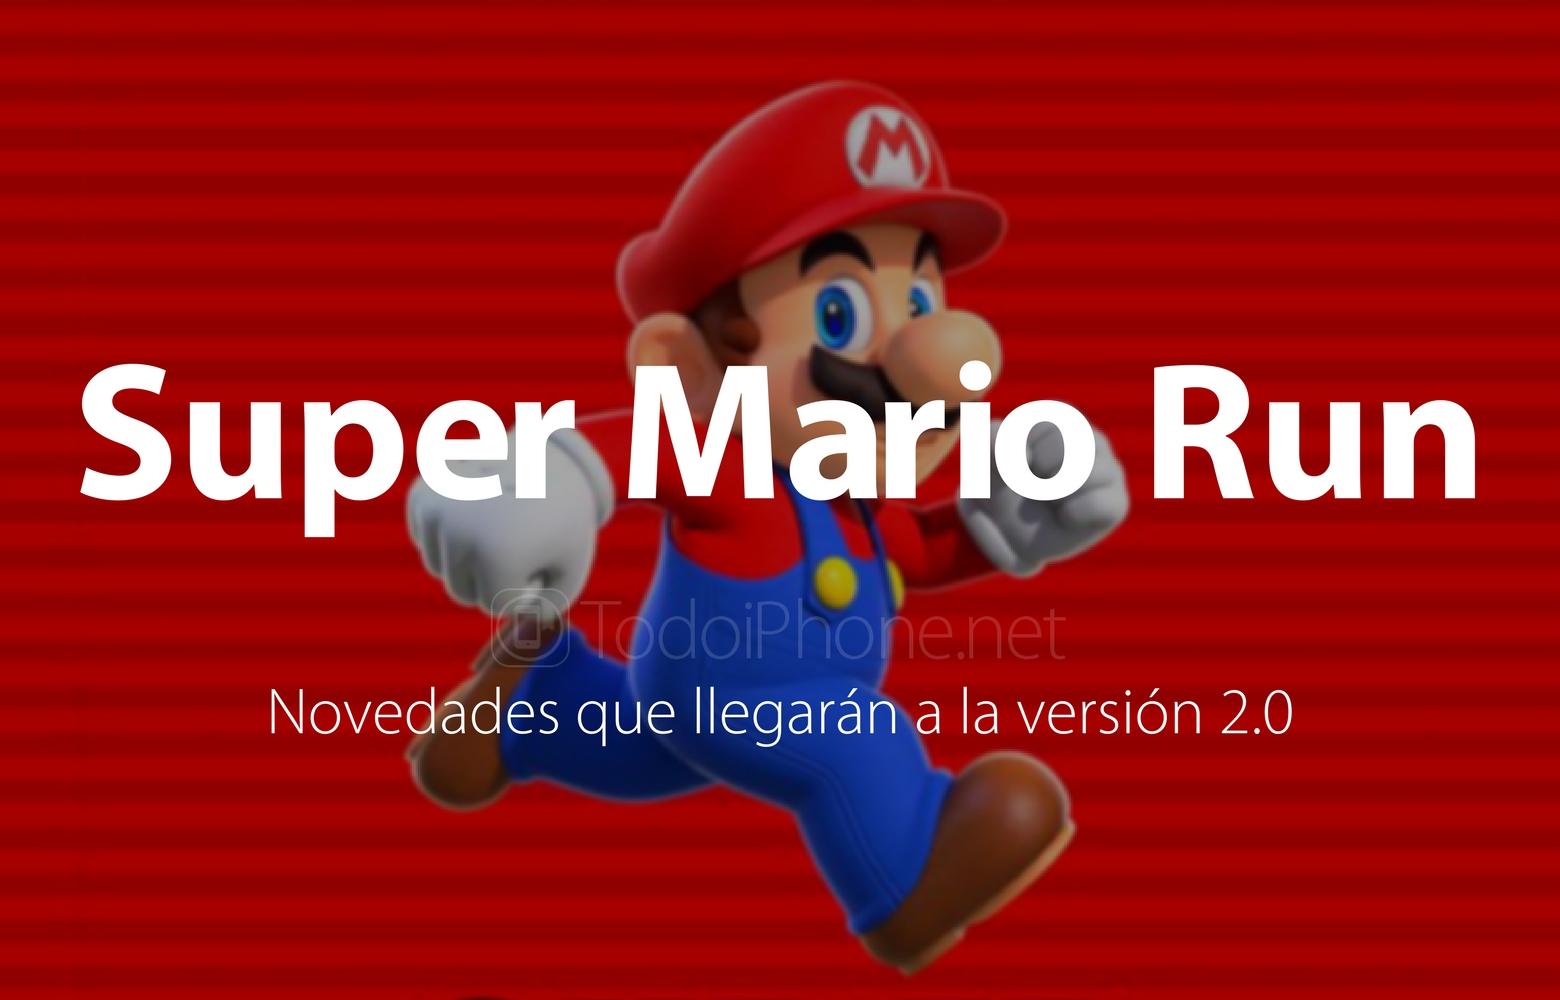 Super Mario Run aura des nouvelles importantes dans la version 2.0 1